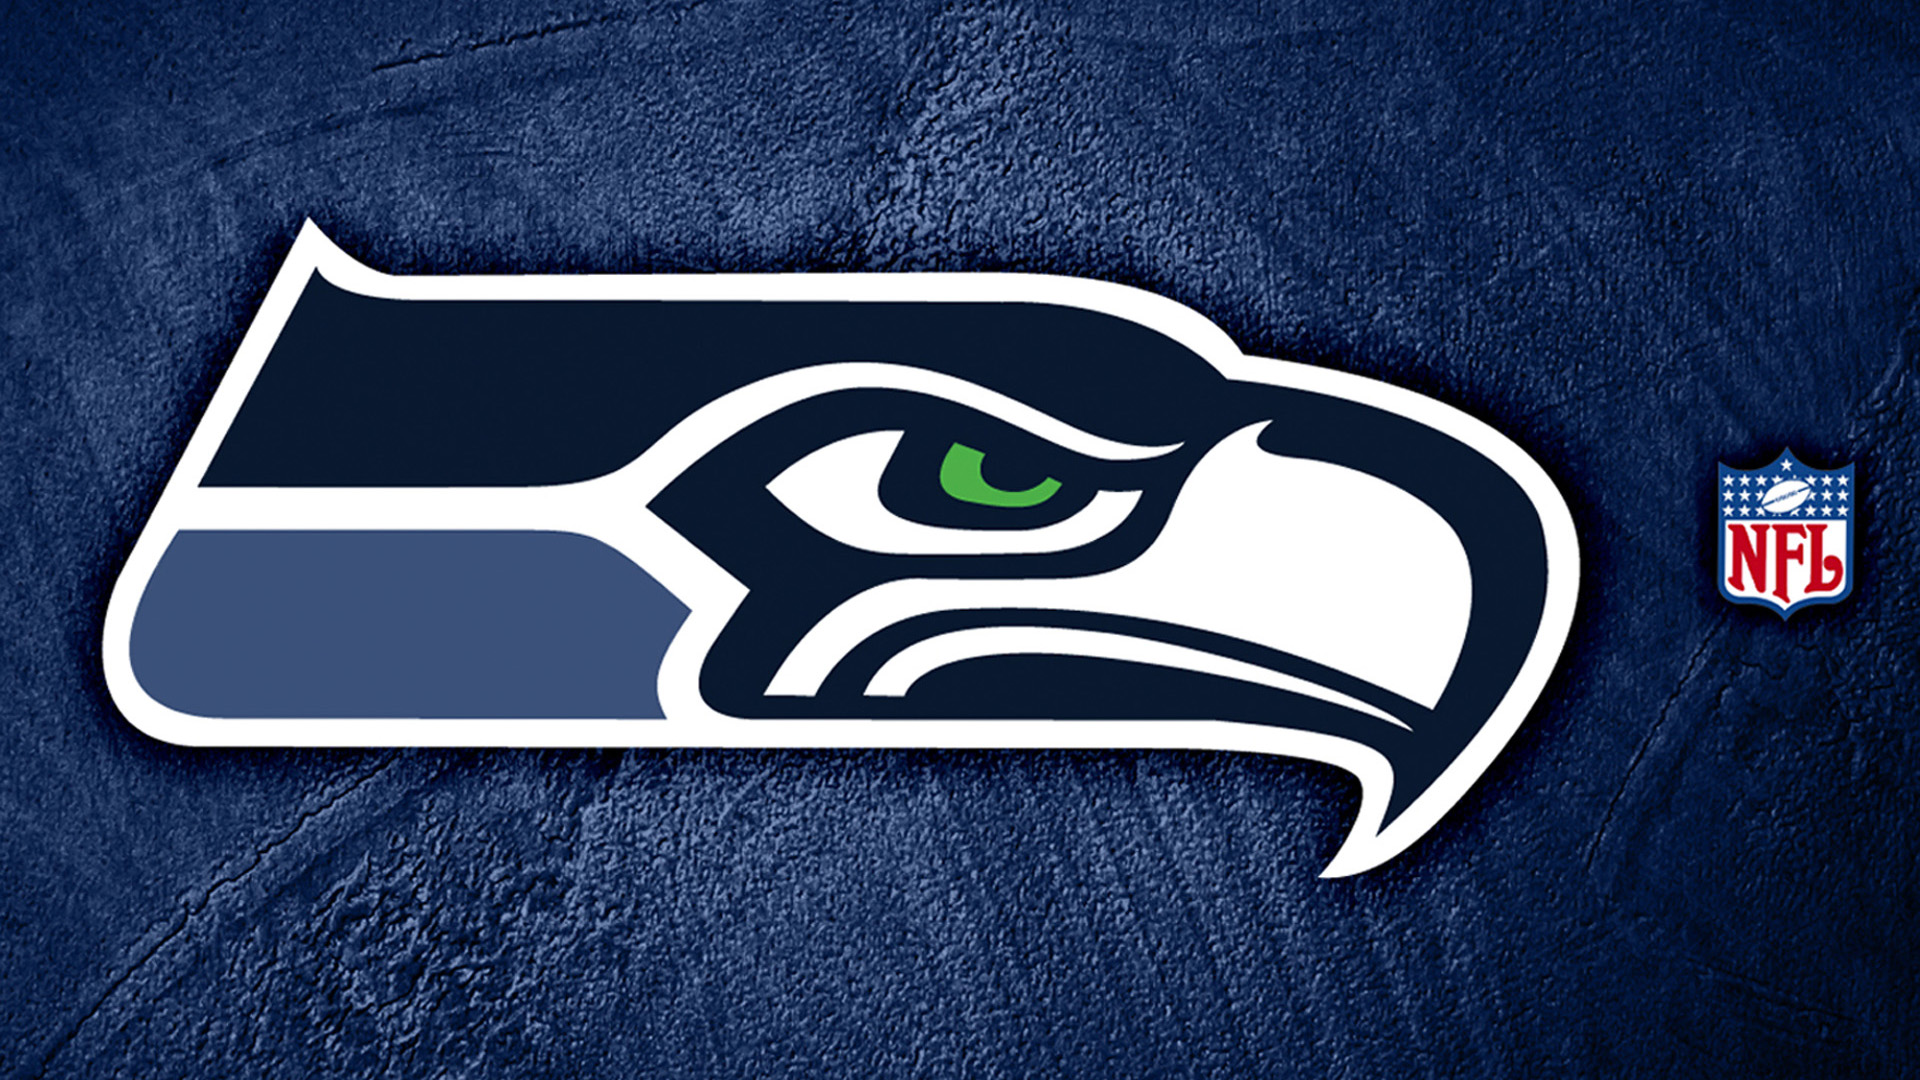 Seahawks Wallpaper